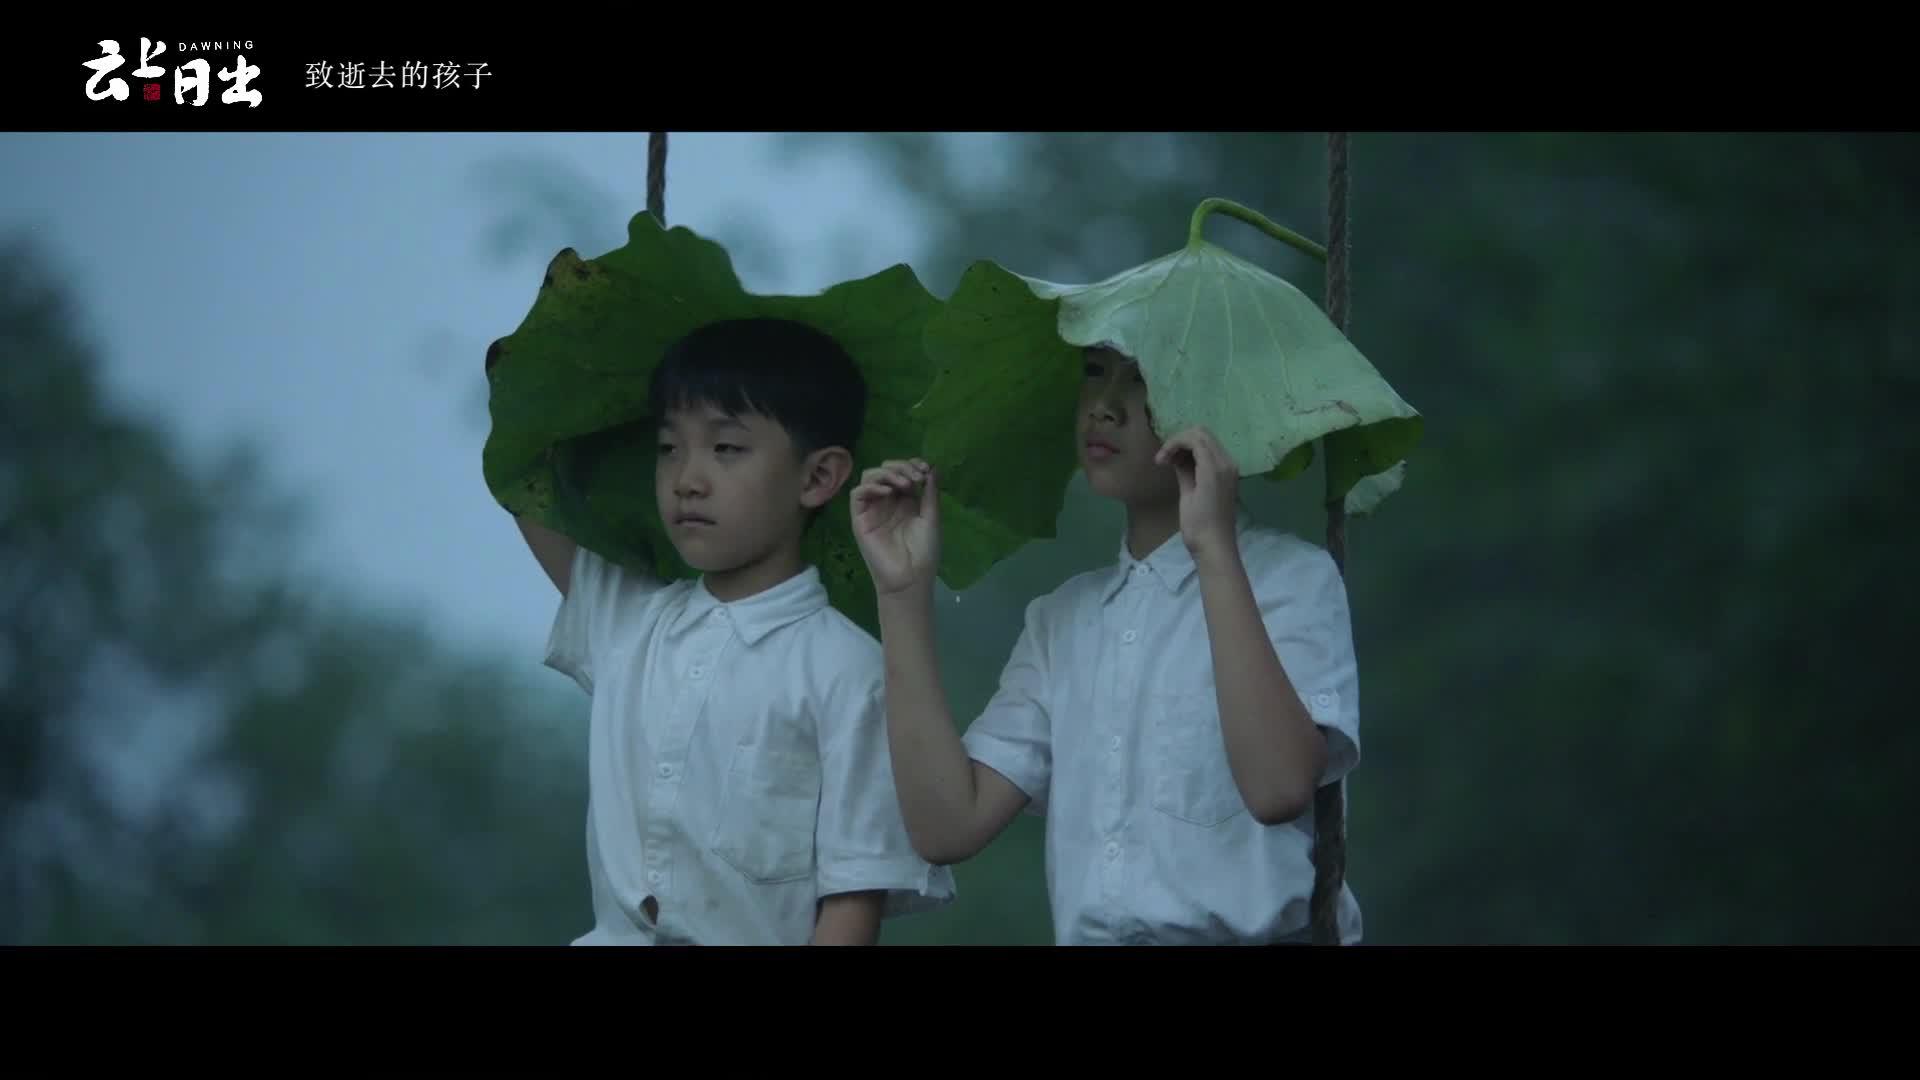 爱国主义教育电影《云上日出》预告片,讲述常德细菌战中遭受苦难的孩子们在战阵中相互成长与陪伴、保护与救赎的故事